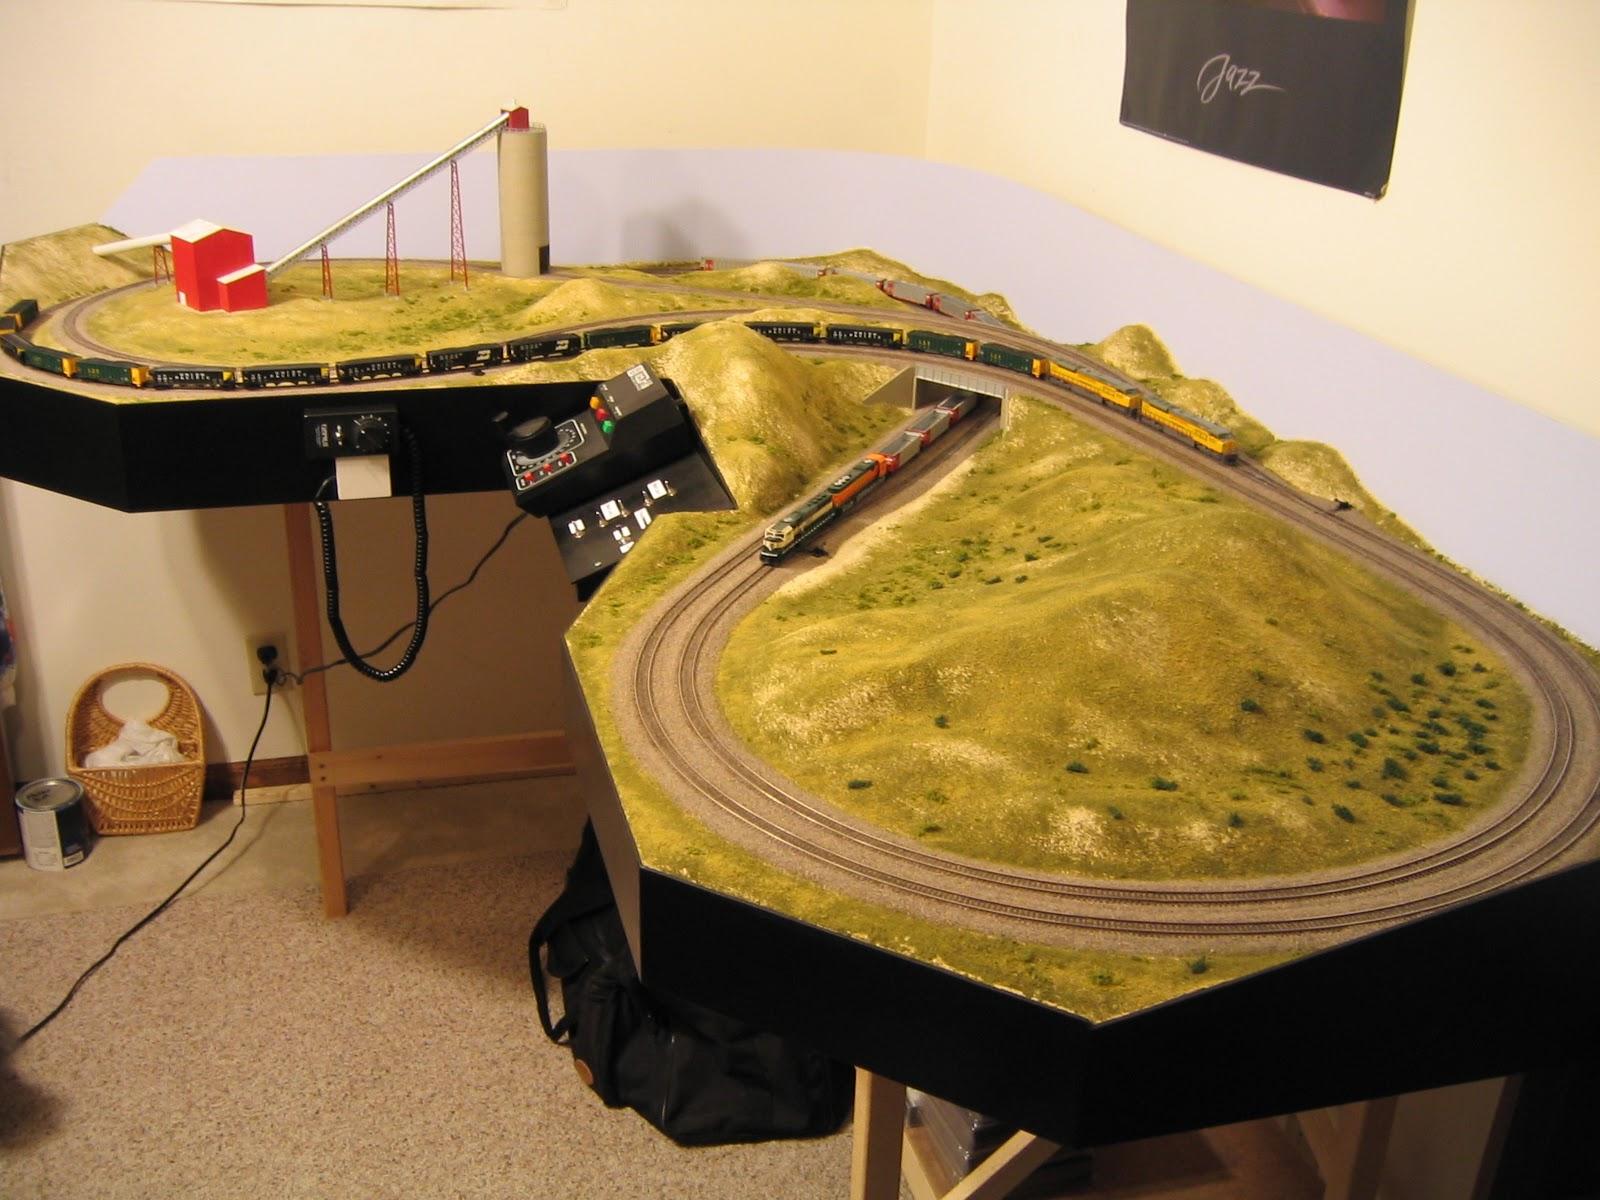 N scale model rr layouts